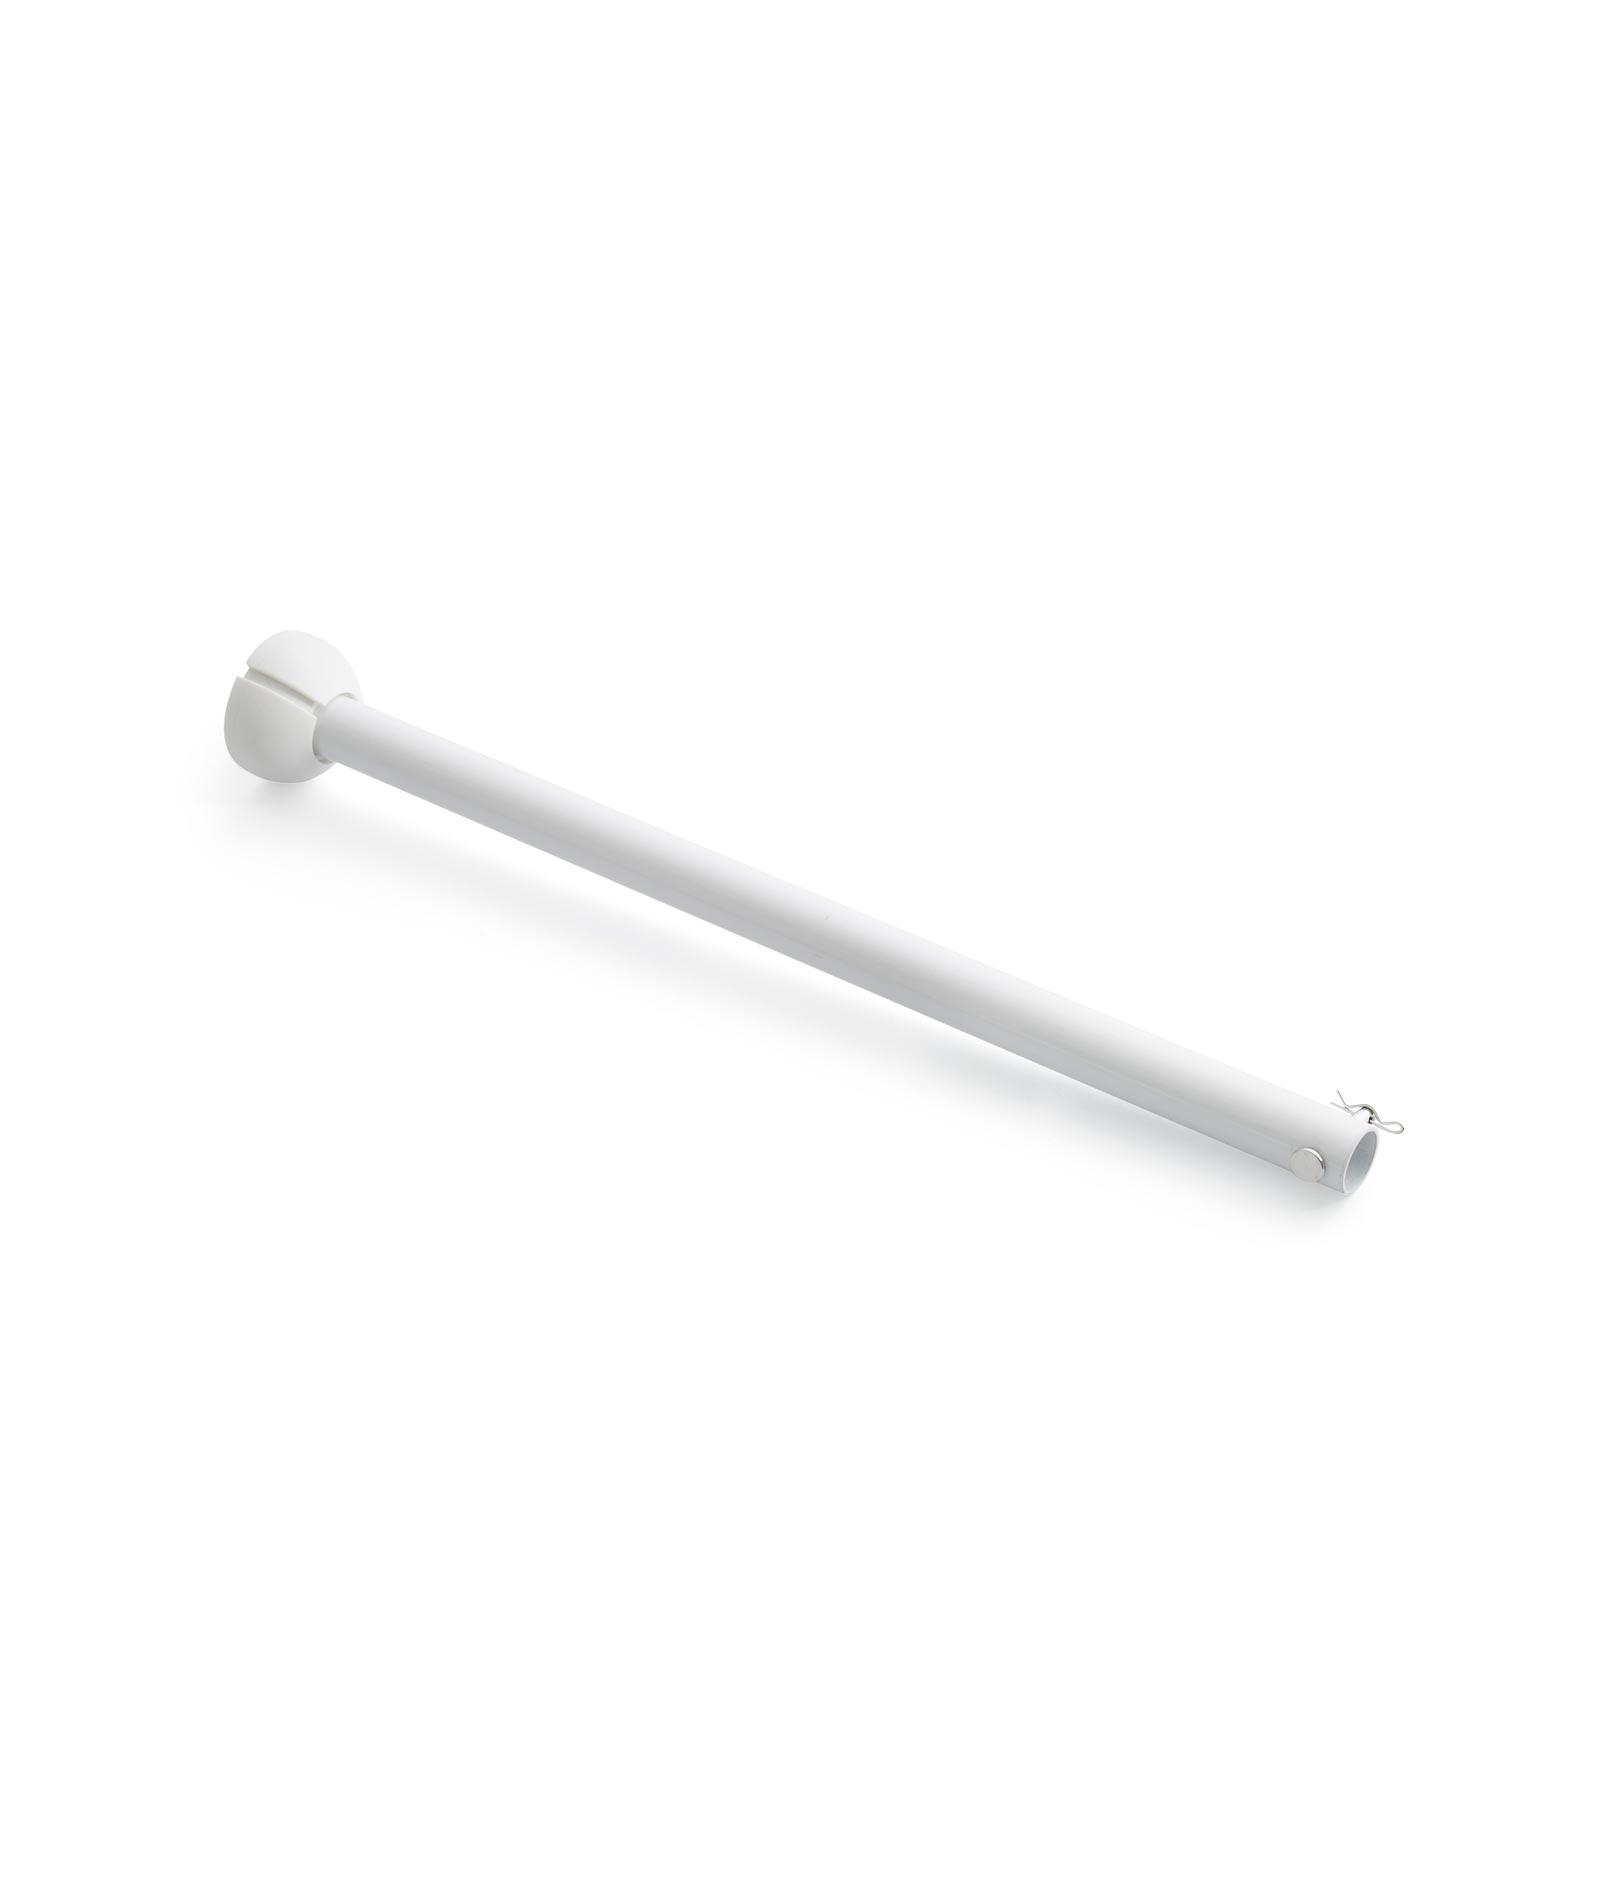 Barra accesorio 40 cm blanca